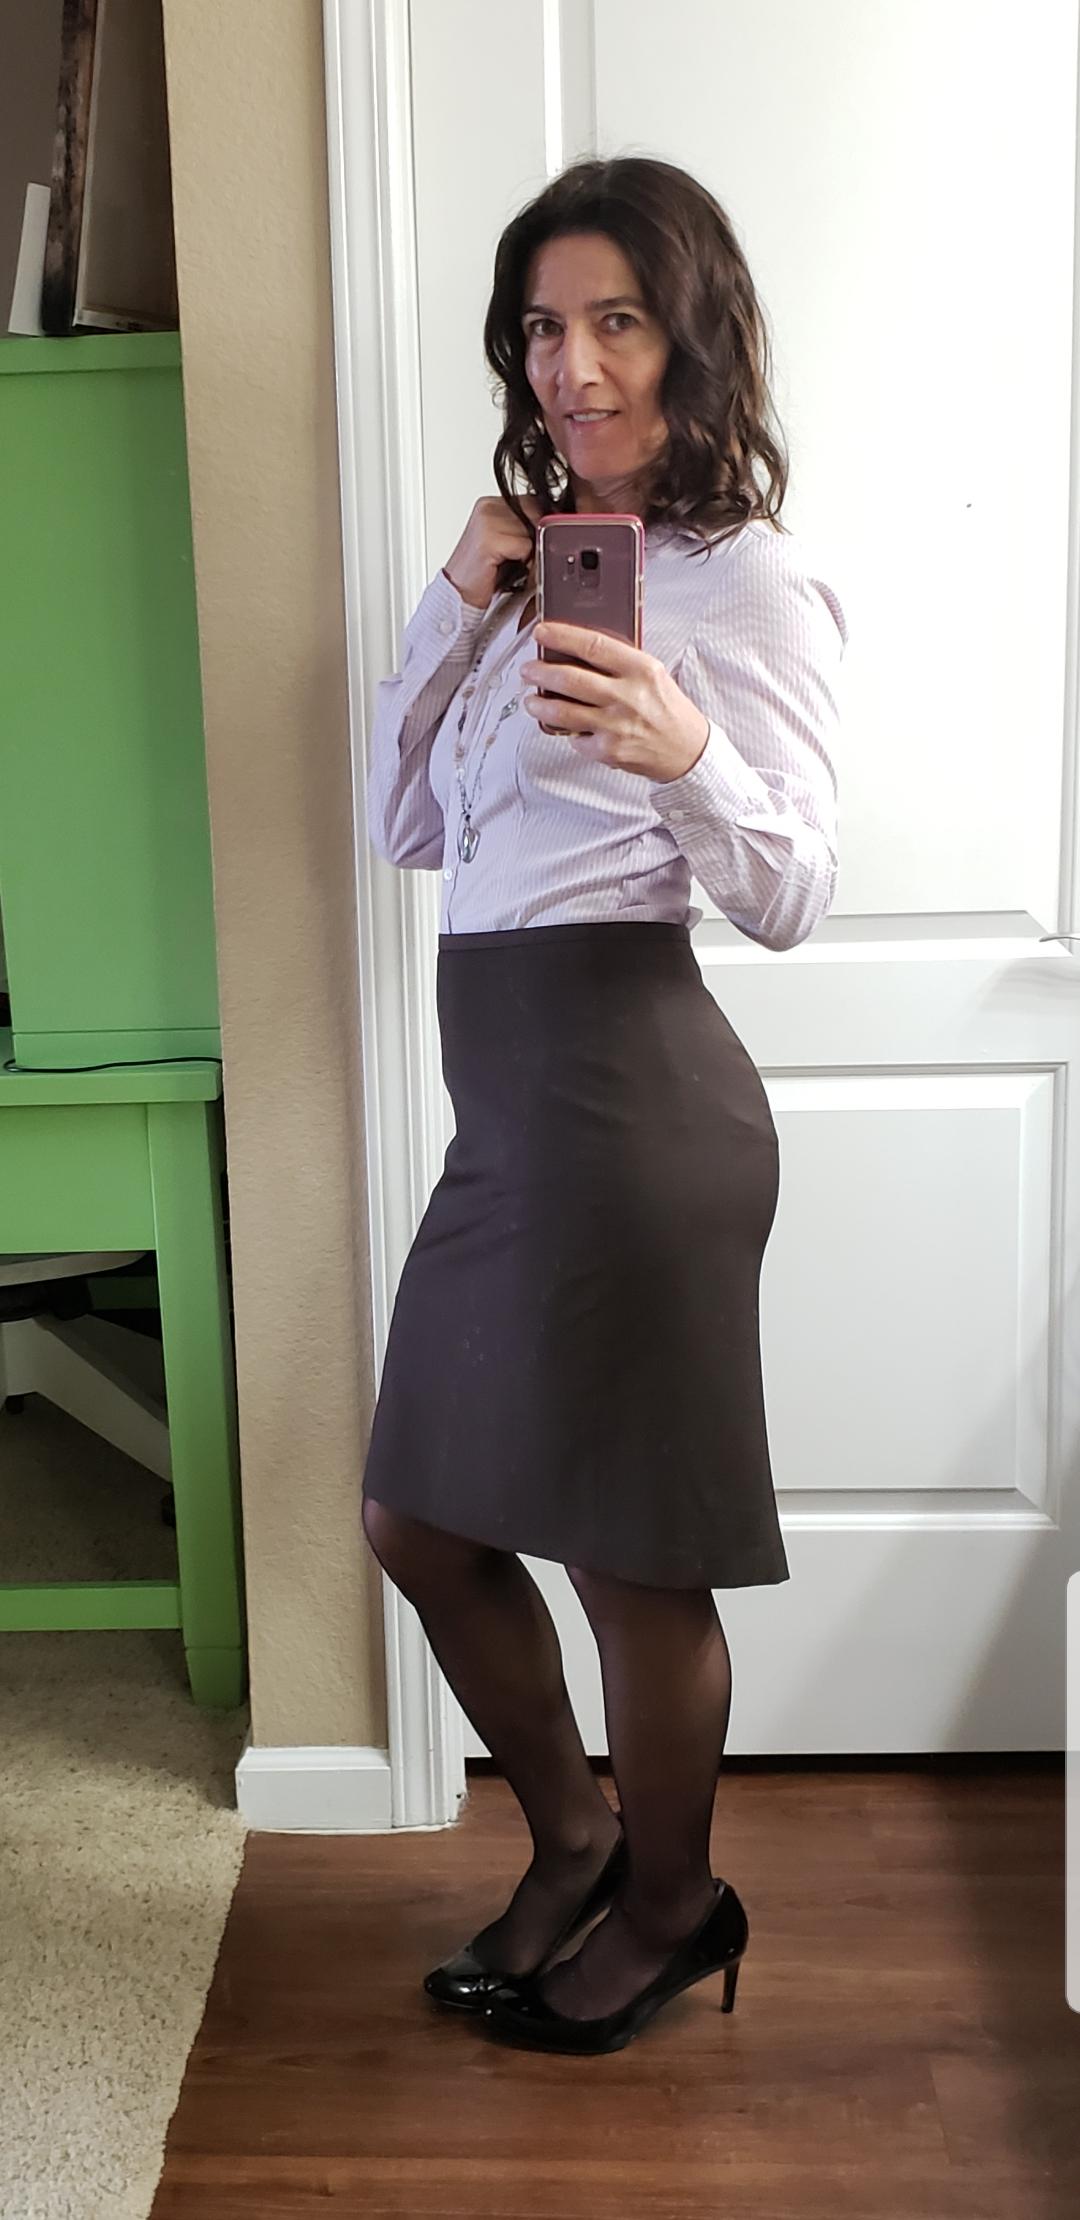 skirt and blouse feb 3 2019.jpg